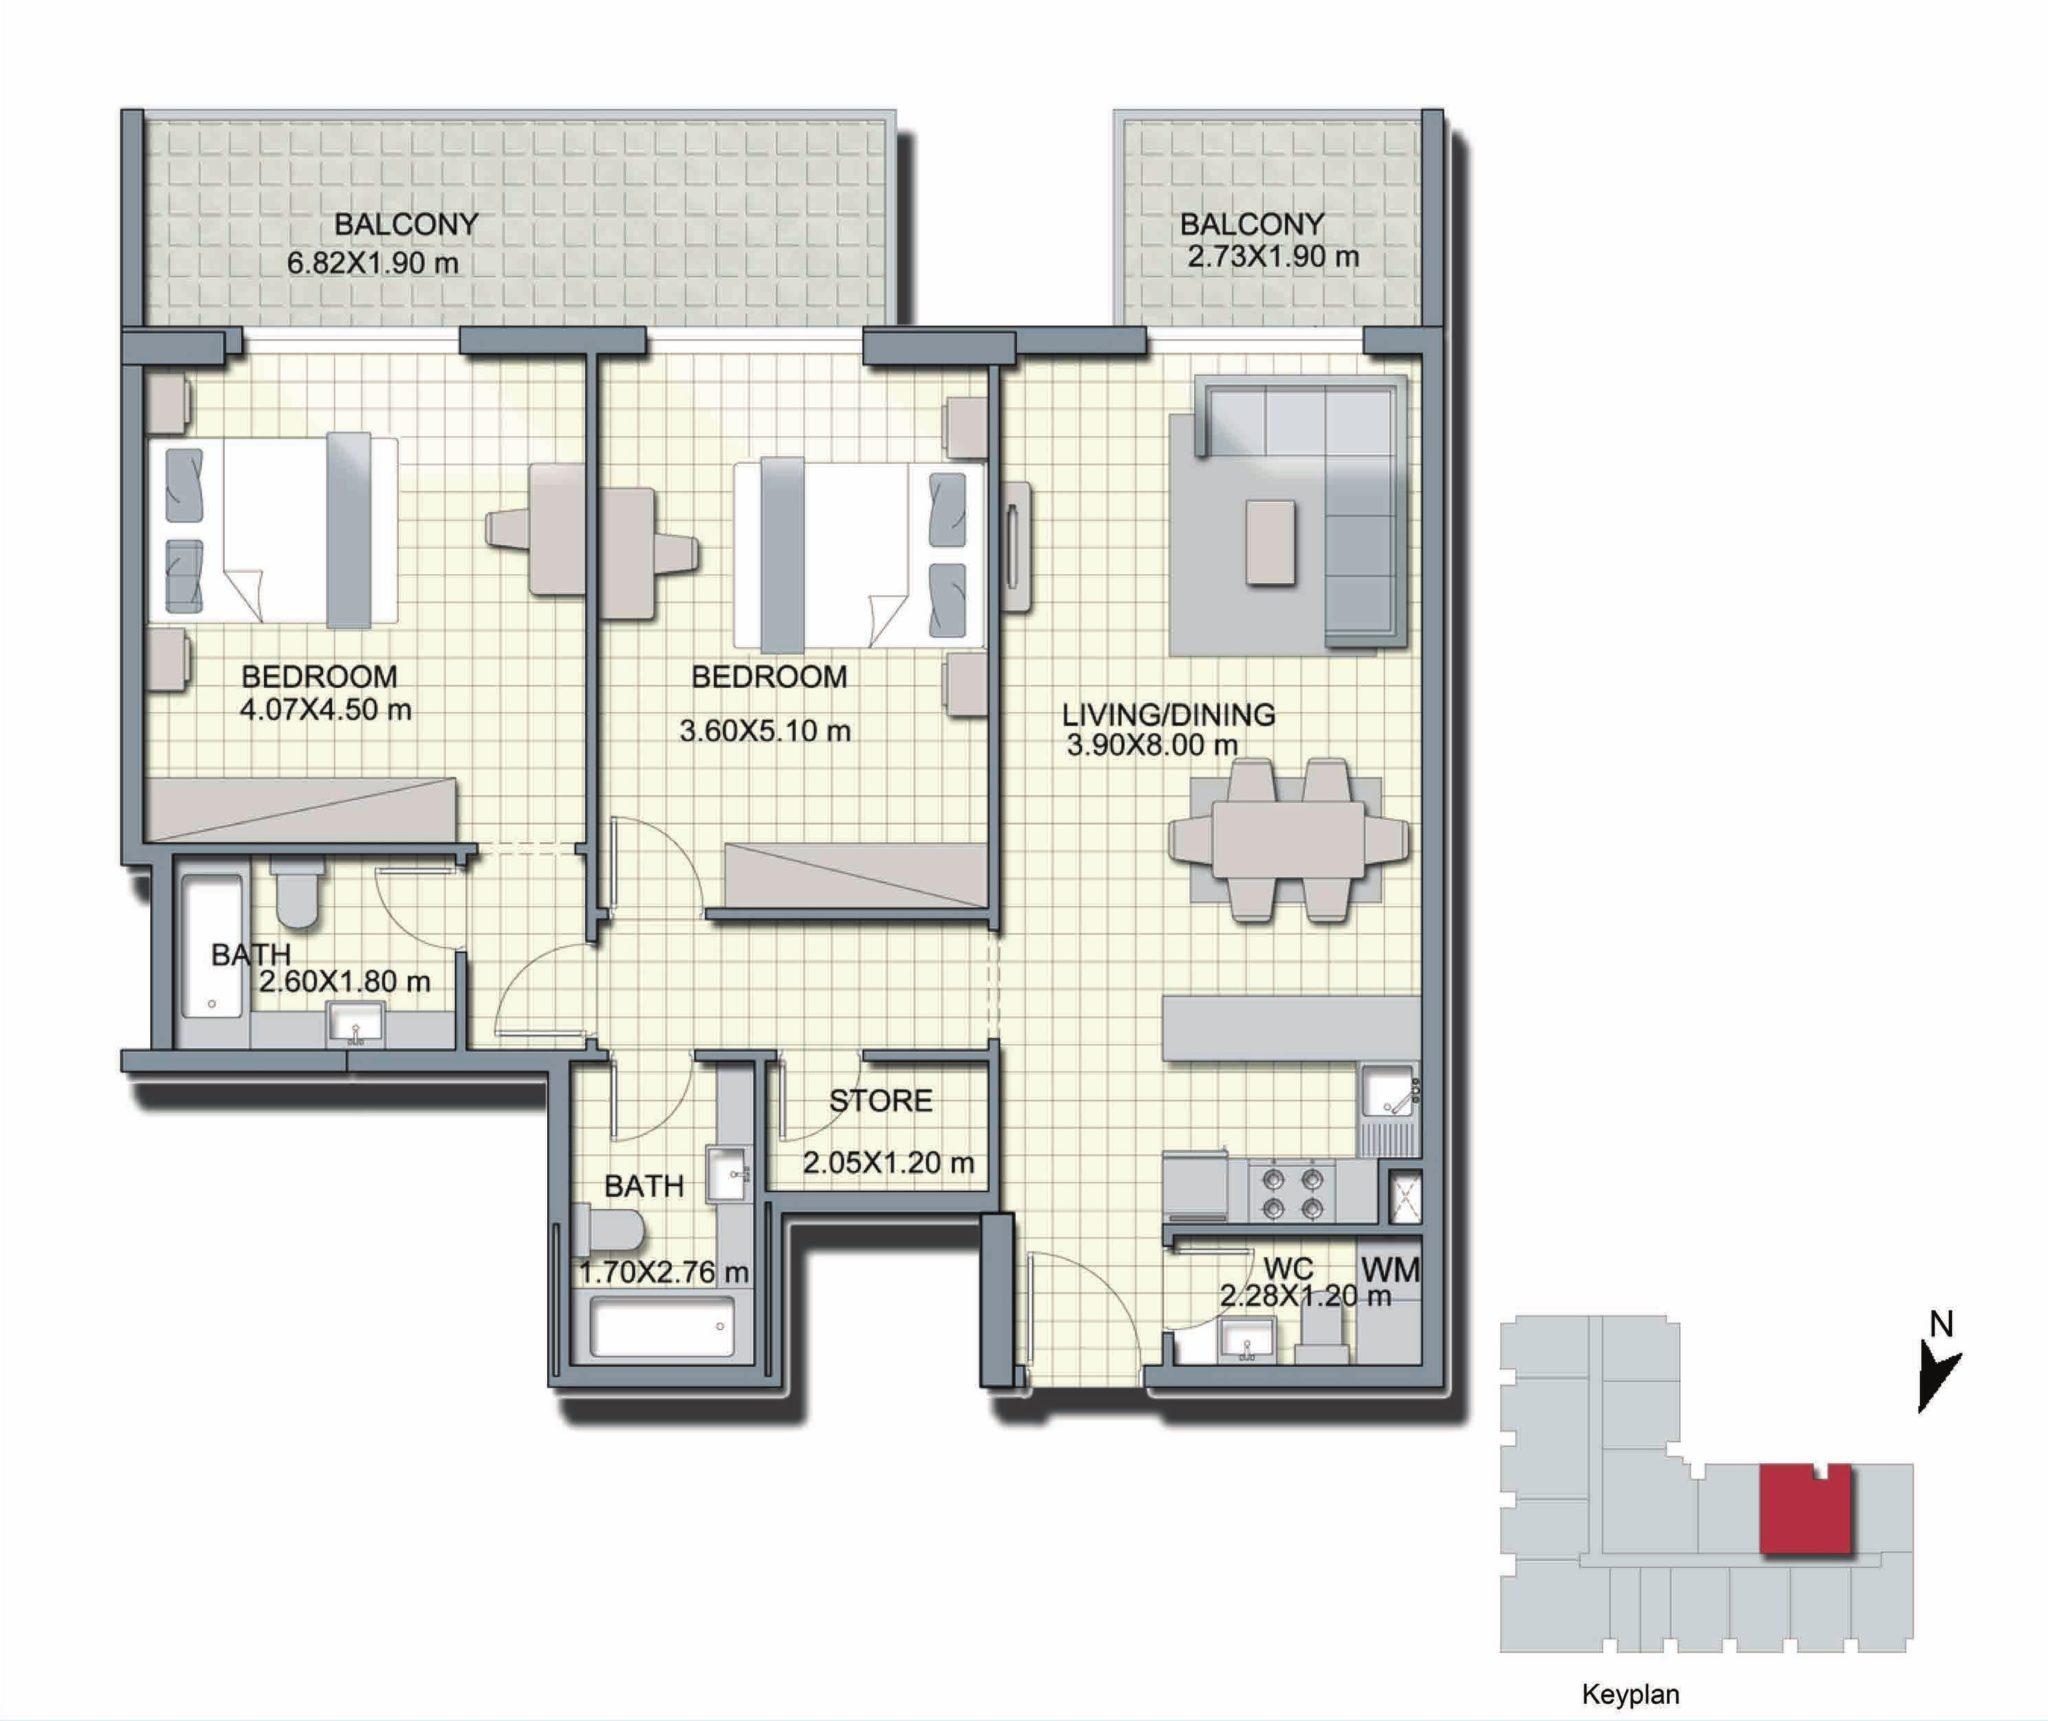 2 Bedroom + Store - B5